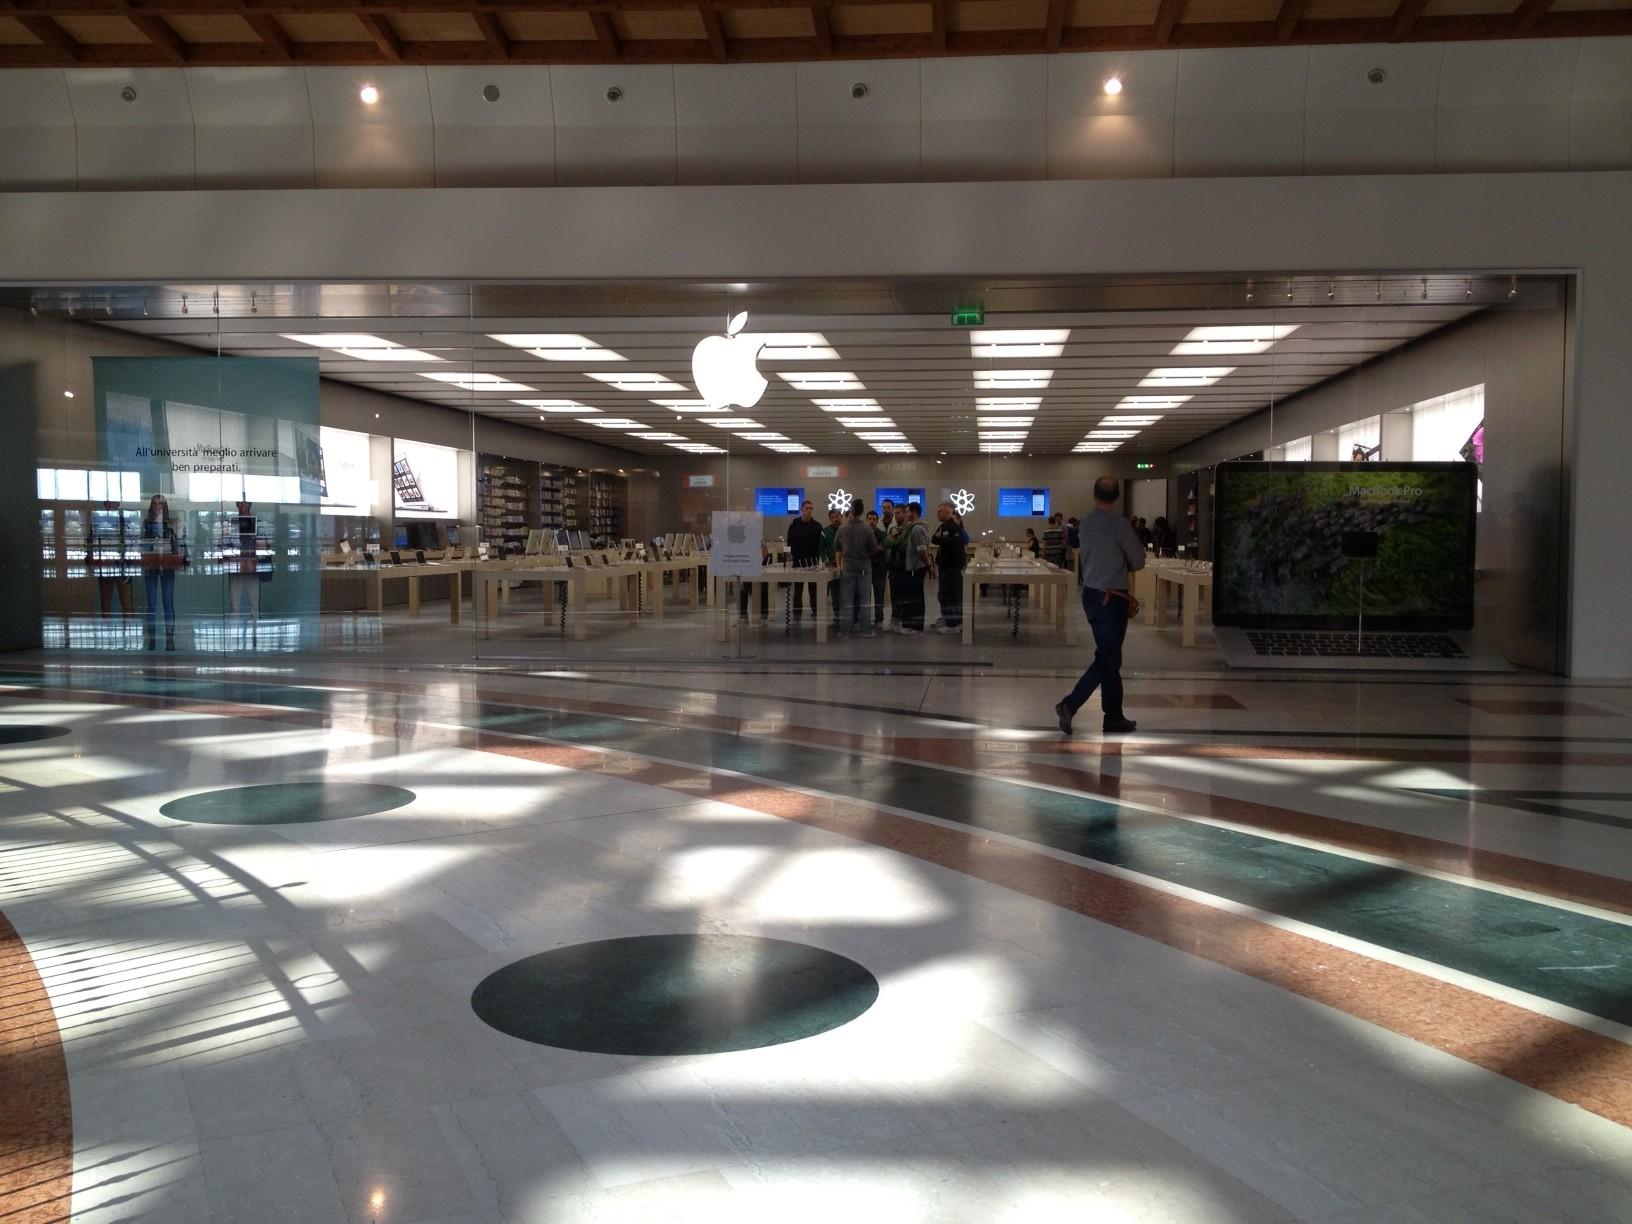 Ecco le foto dell'Apple Store Il Leone: Segui l'inaugurazione in diretta su iSpazio a partire da questa notte!